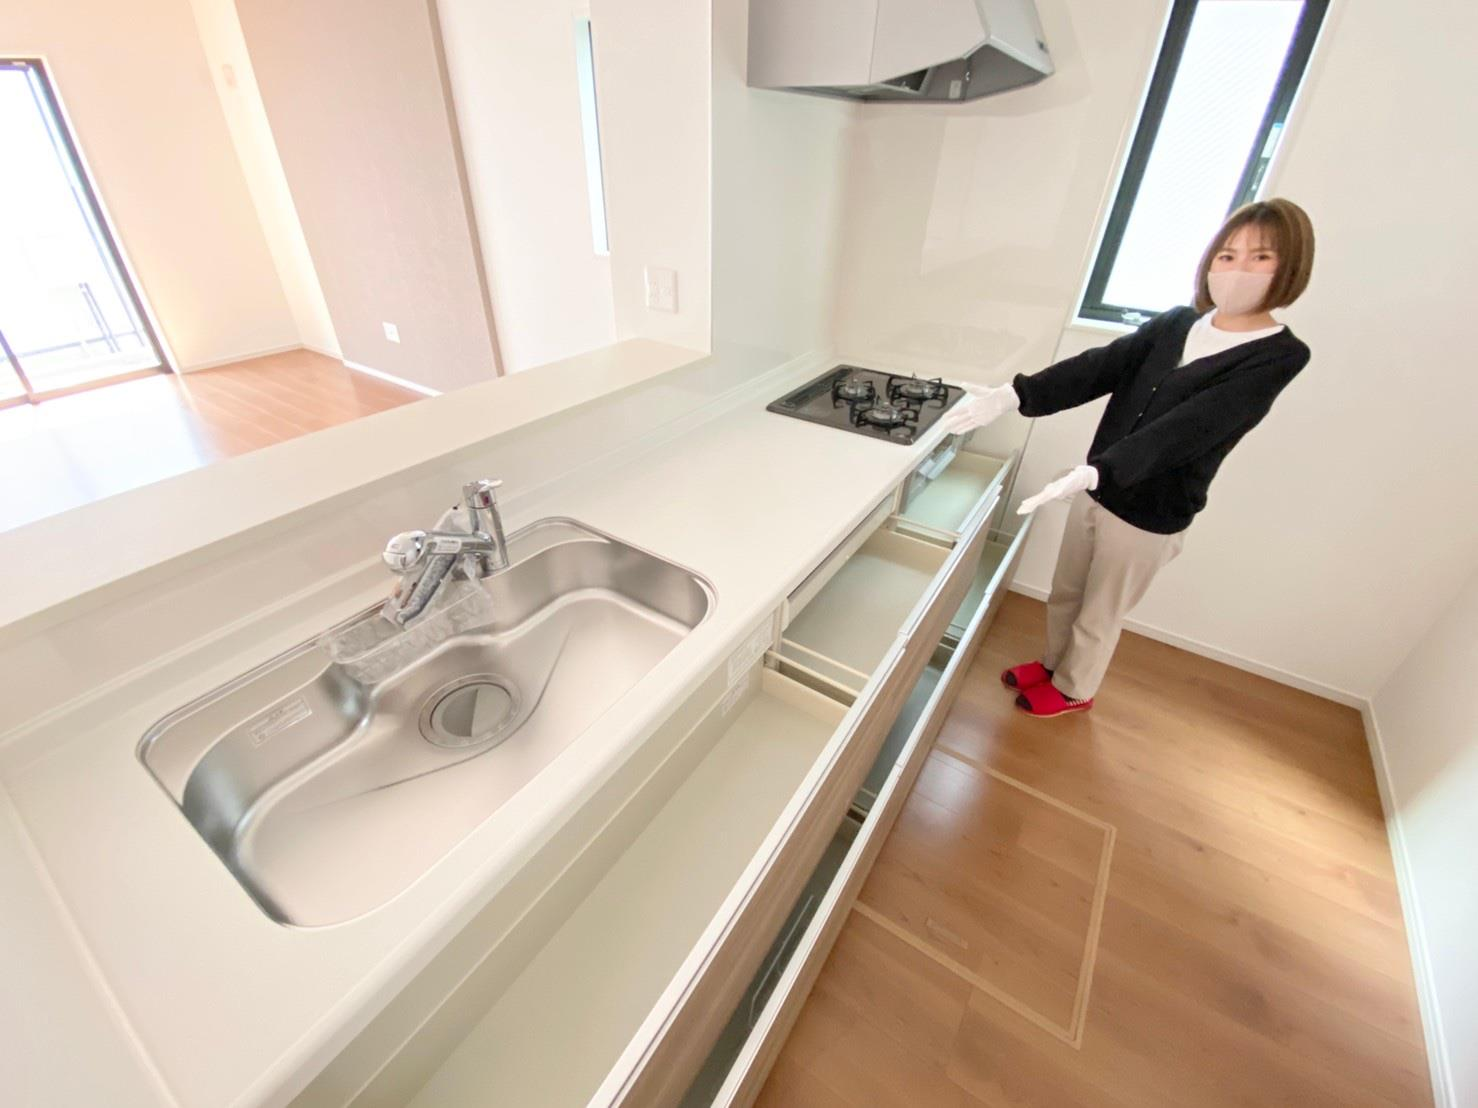 キッチン*キッチン|全スライド式収納キッチン♪お皿や鍋の出し入れもラクラクです(^^)!(2021年3月撮影)